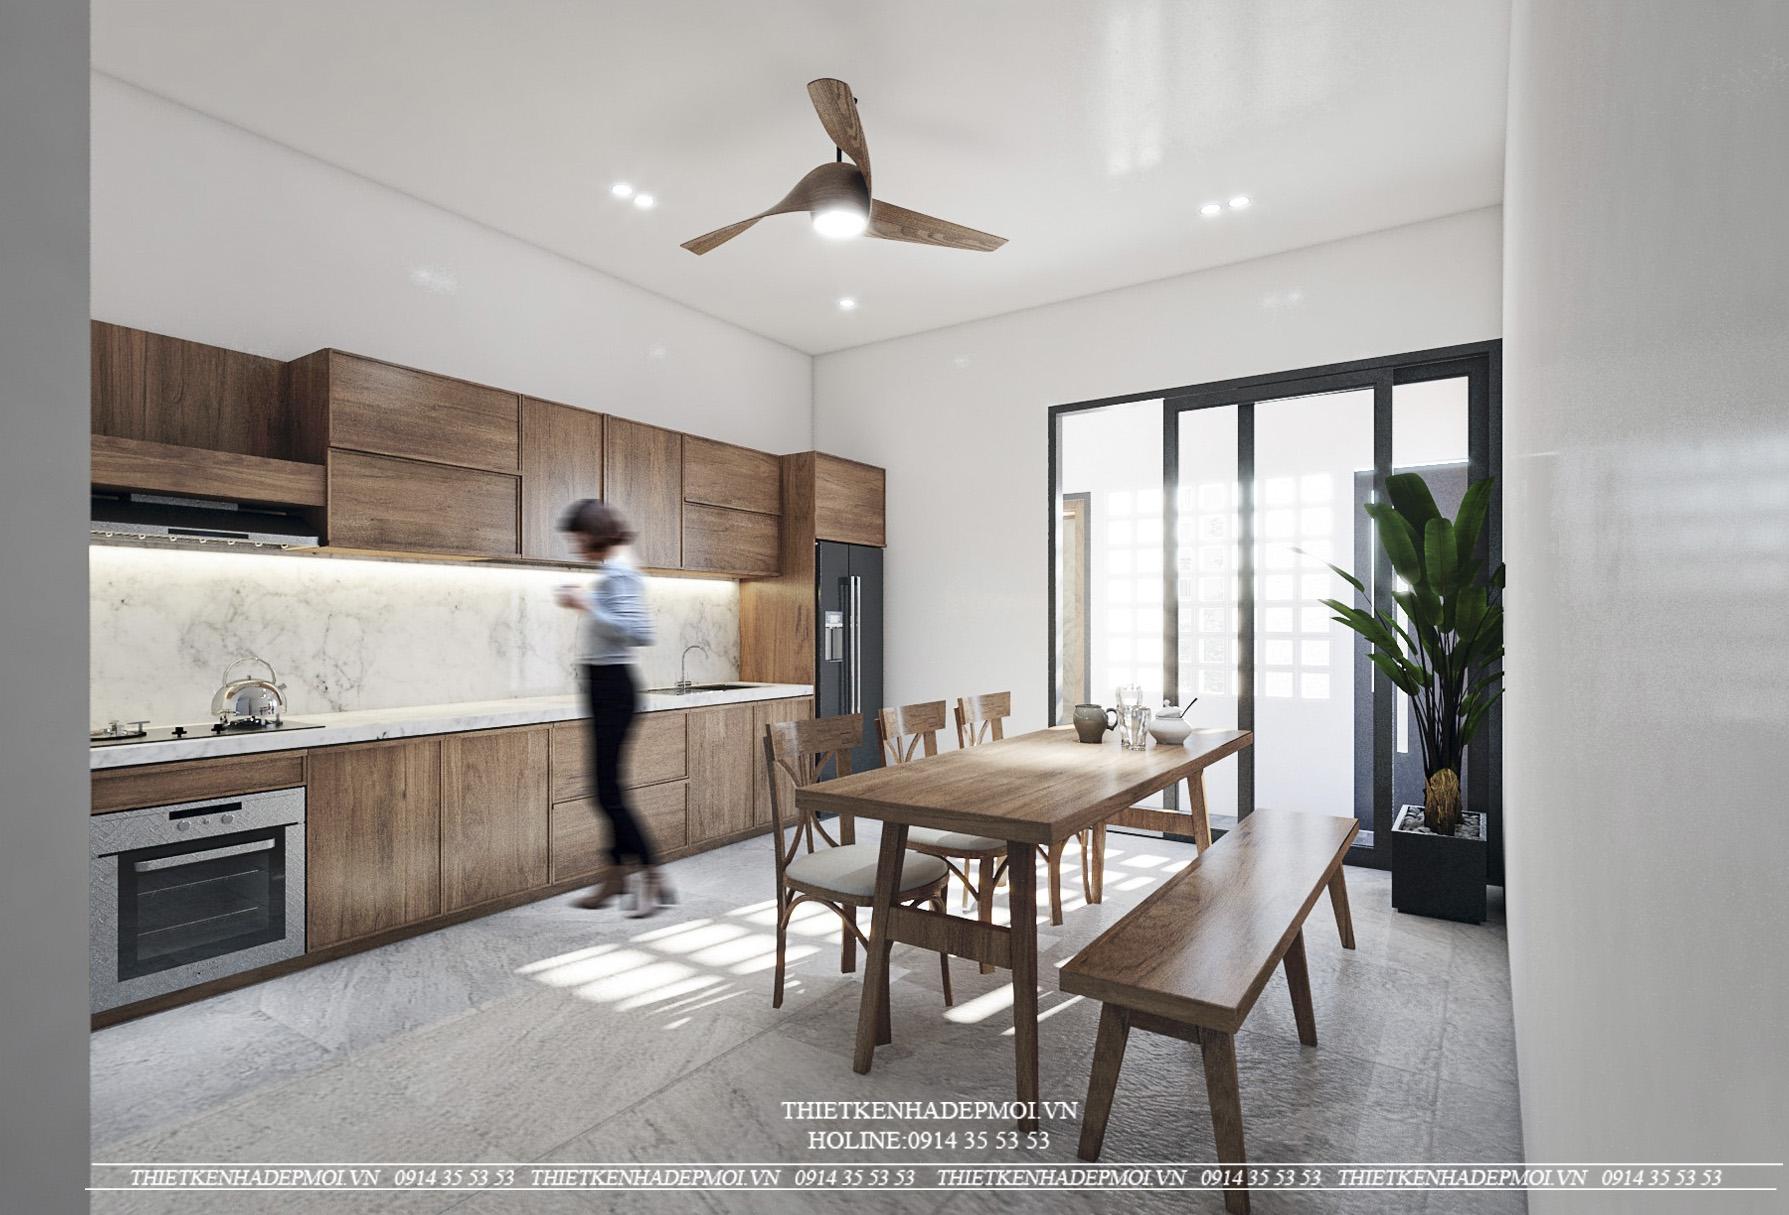 Thiết kế nhà đẹp 1 trệt 1 lầu sân thượng hiện đại - Sang trọng